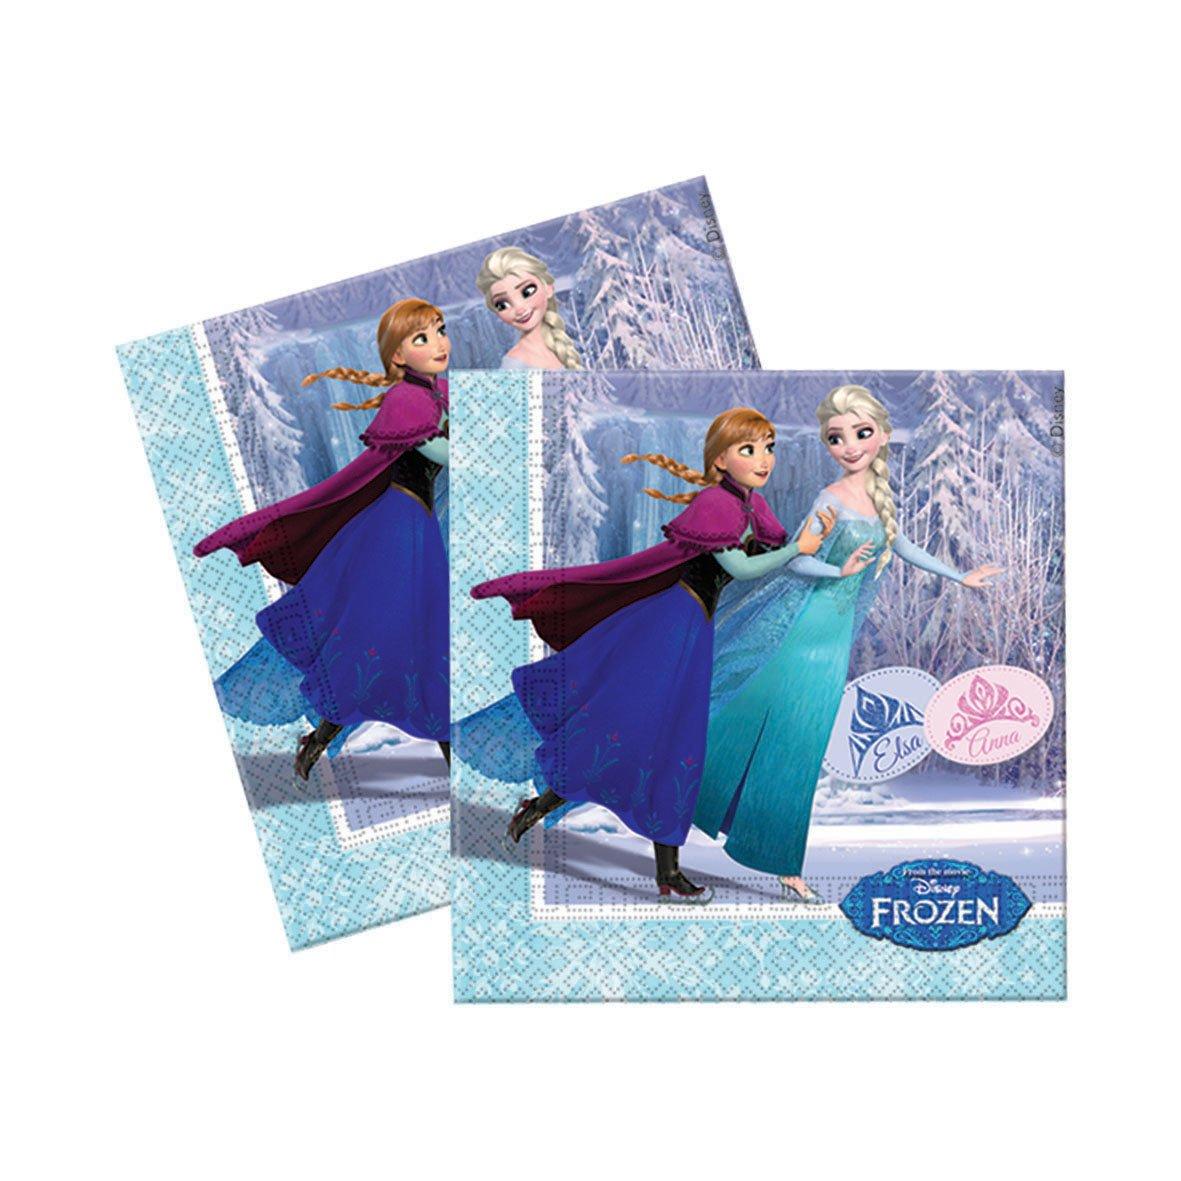 Unique Party 72107-23cm Disney Frozen Paper Plates Pack of 8 in Light Blue